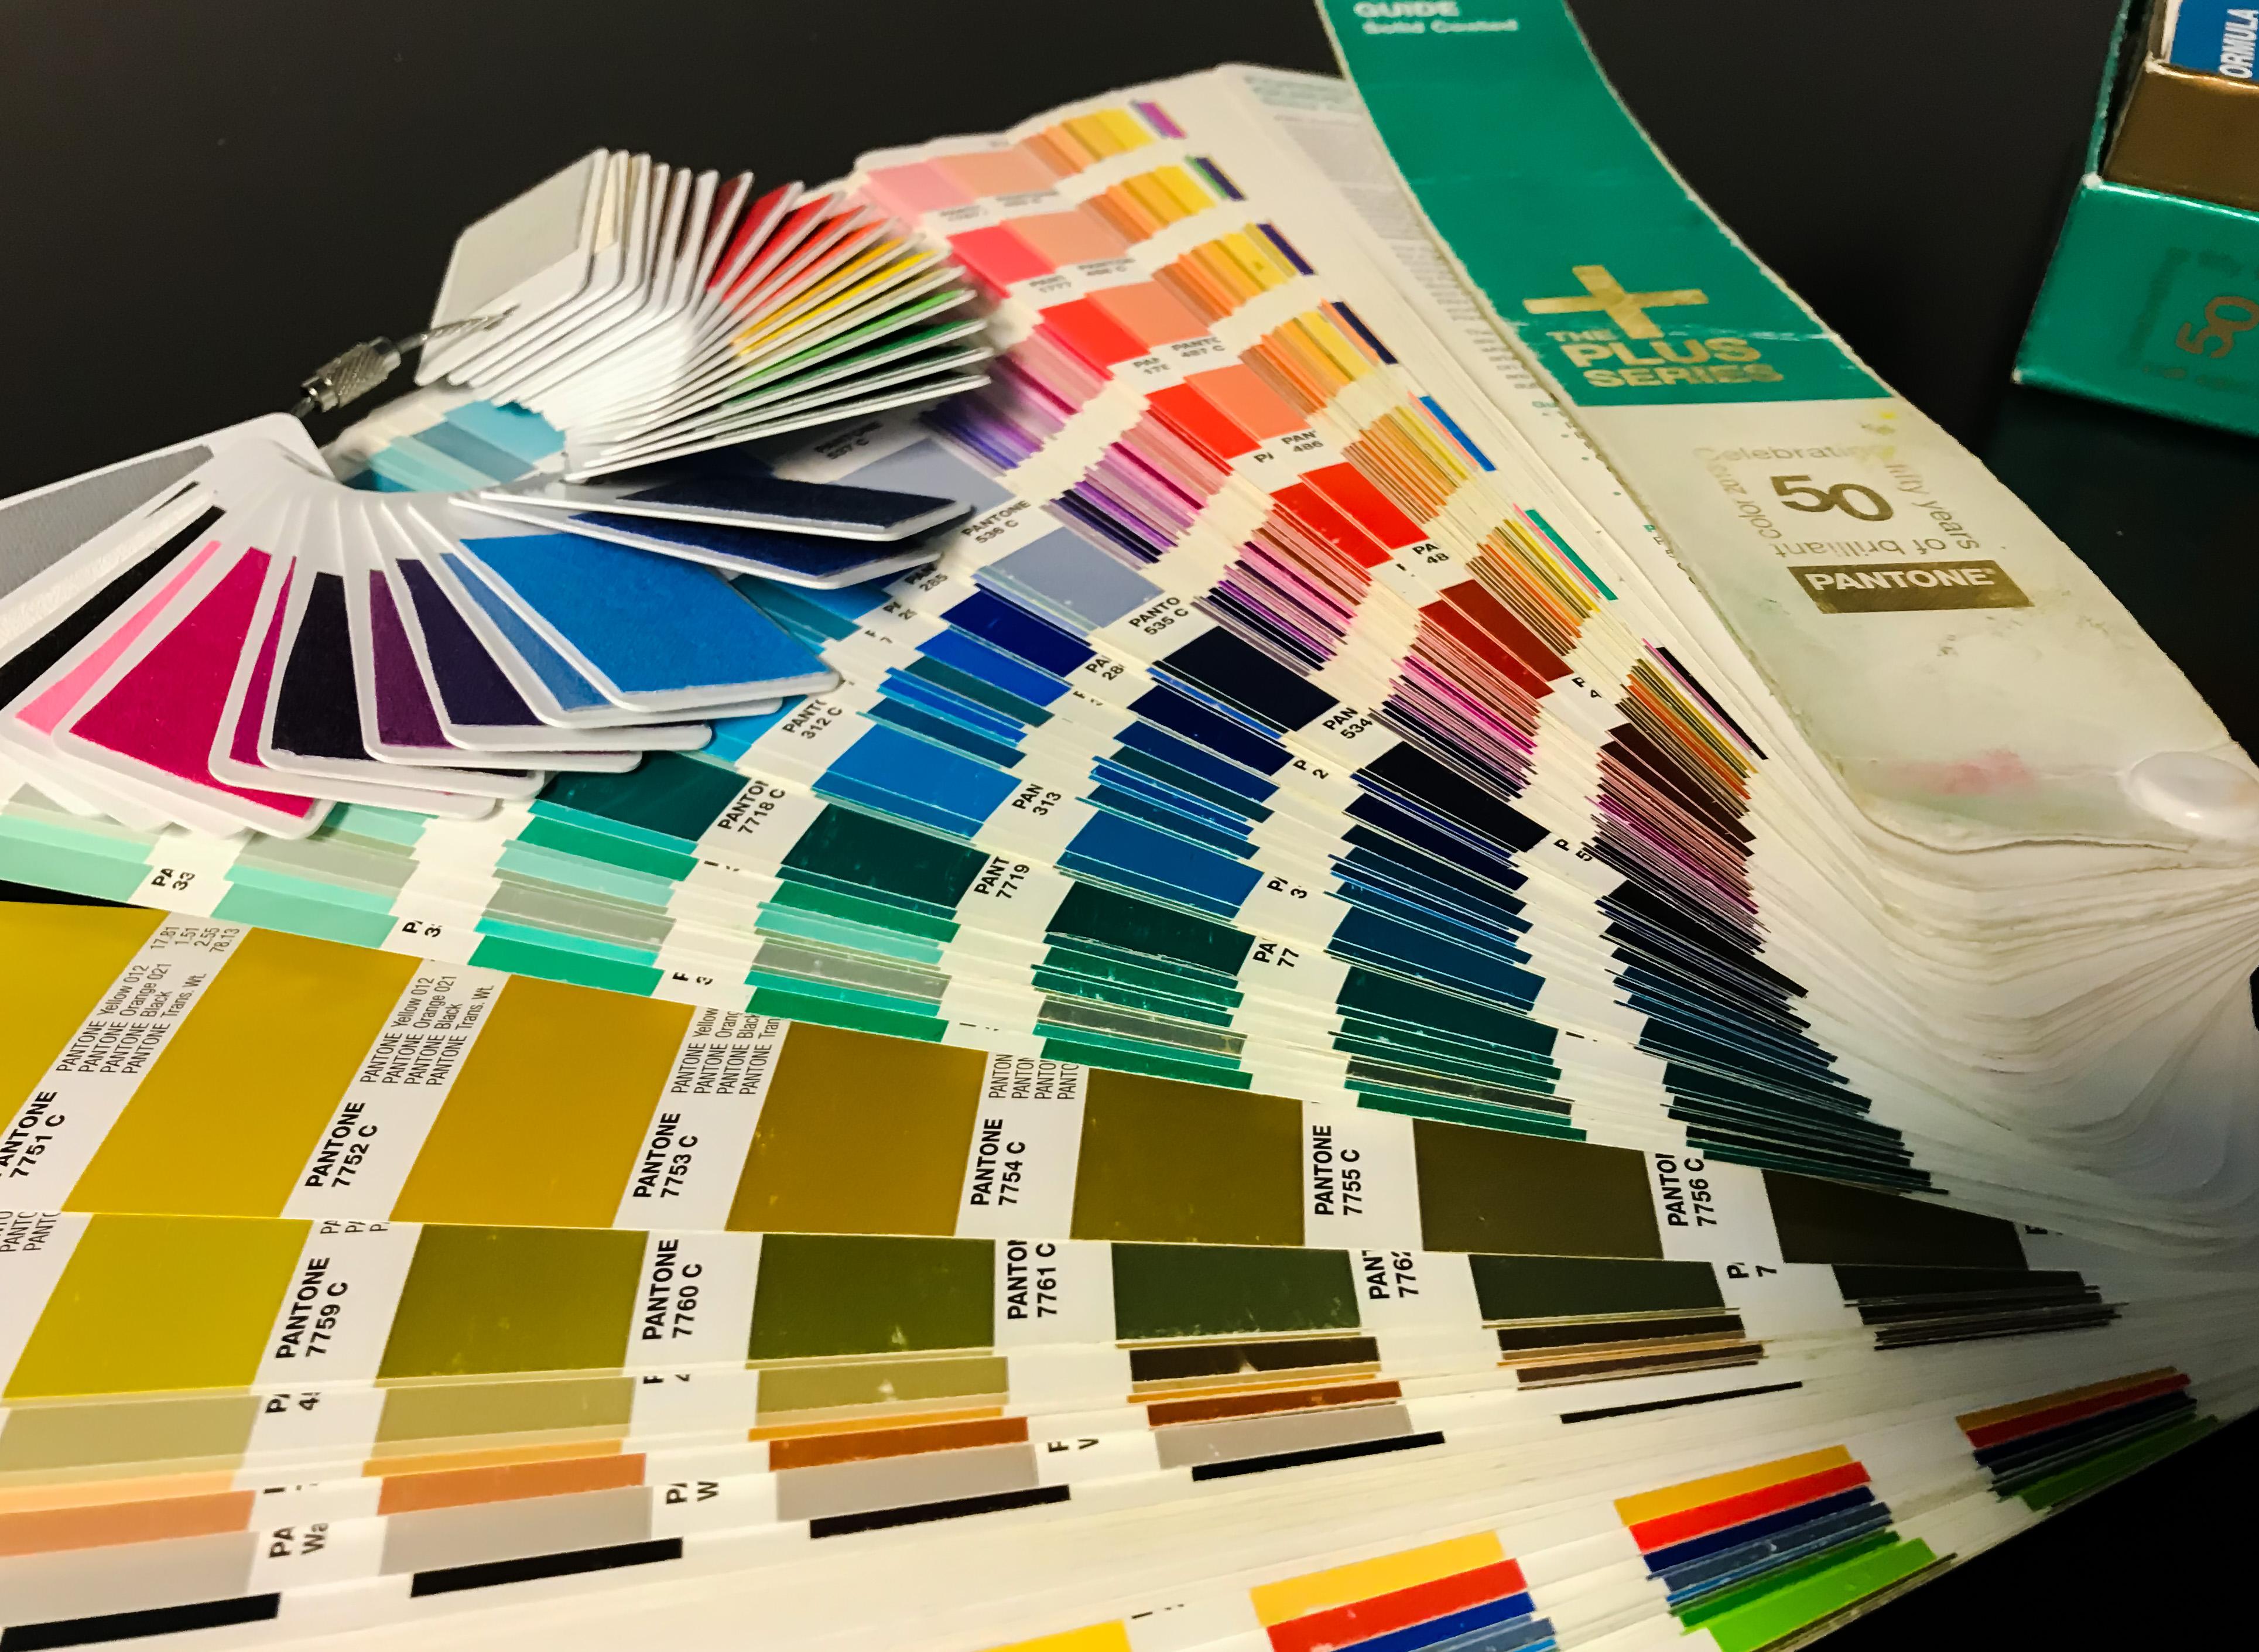 McSewOn products: customized artwork image